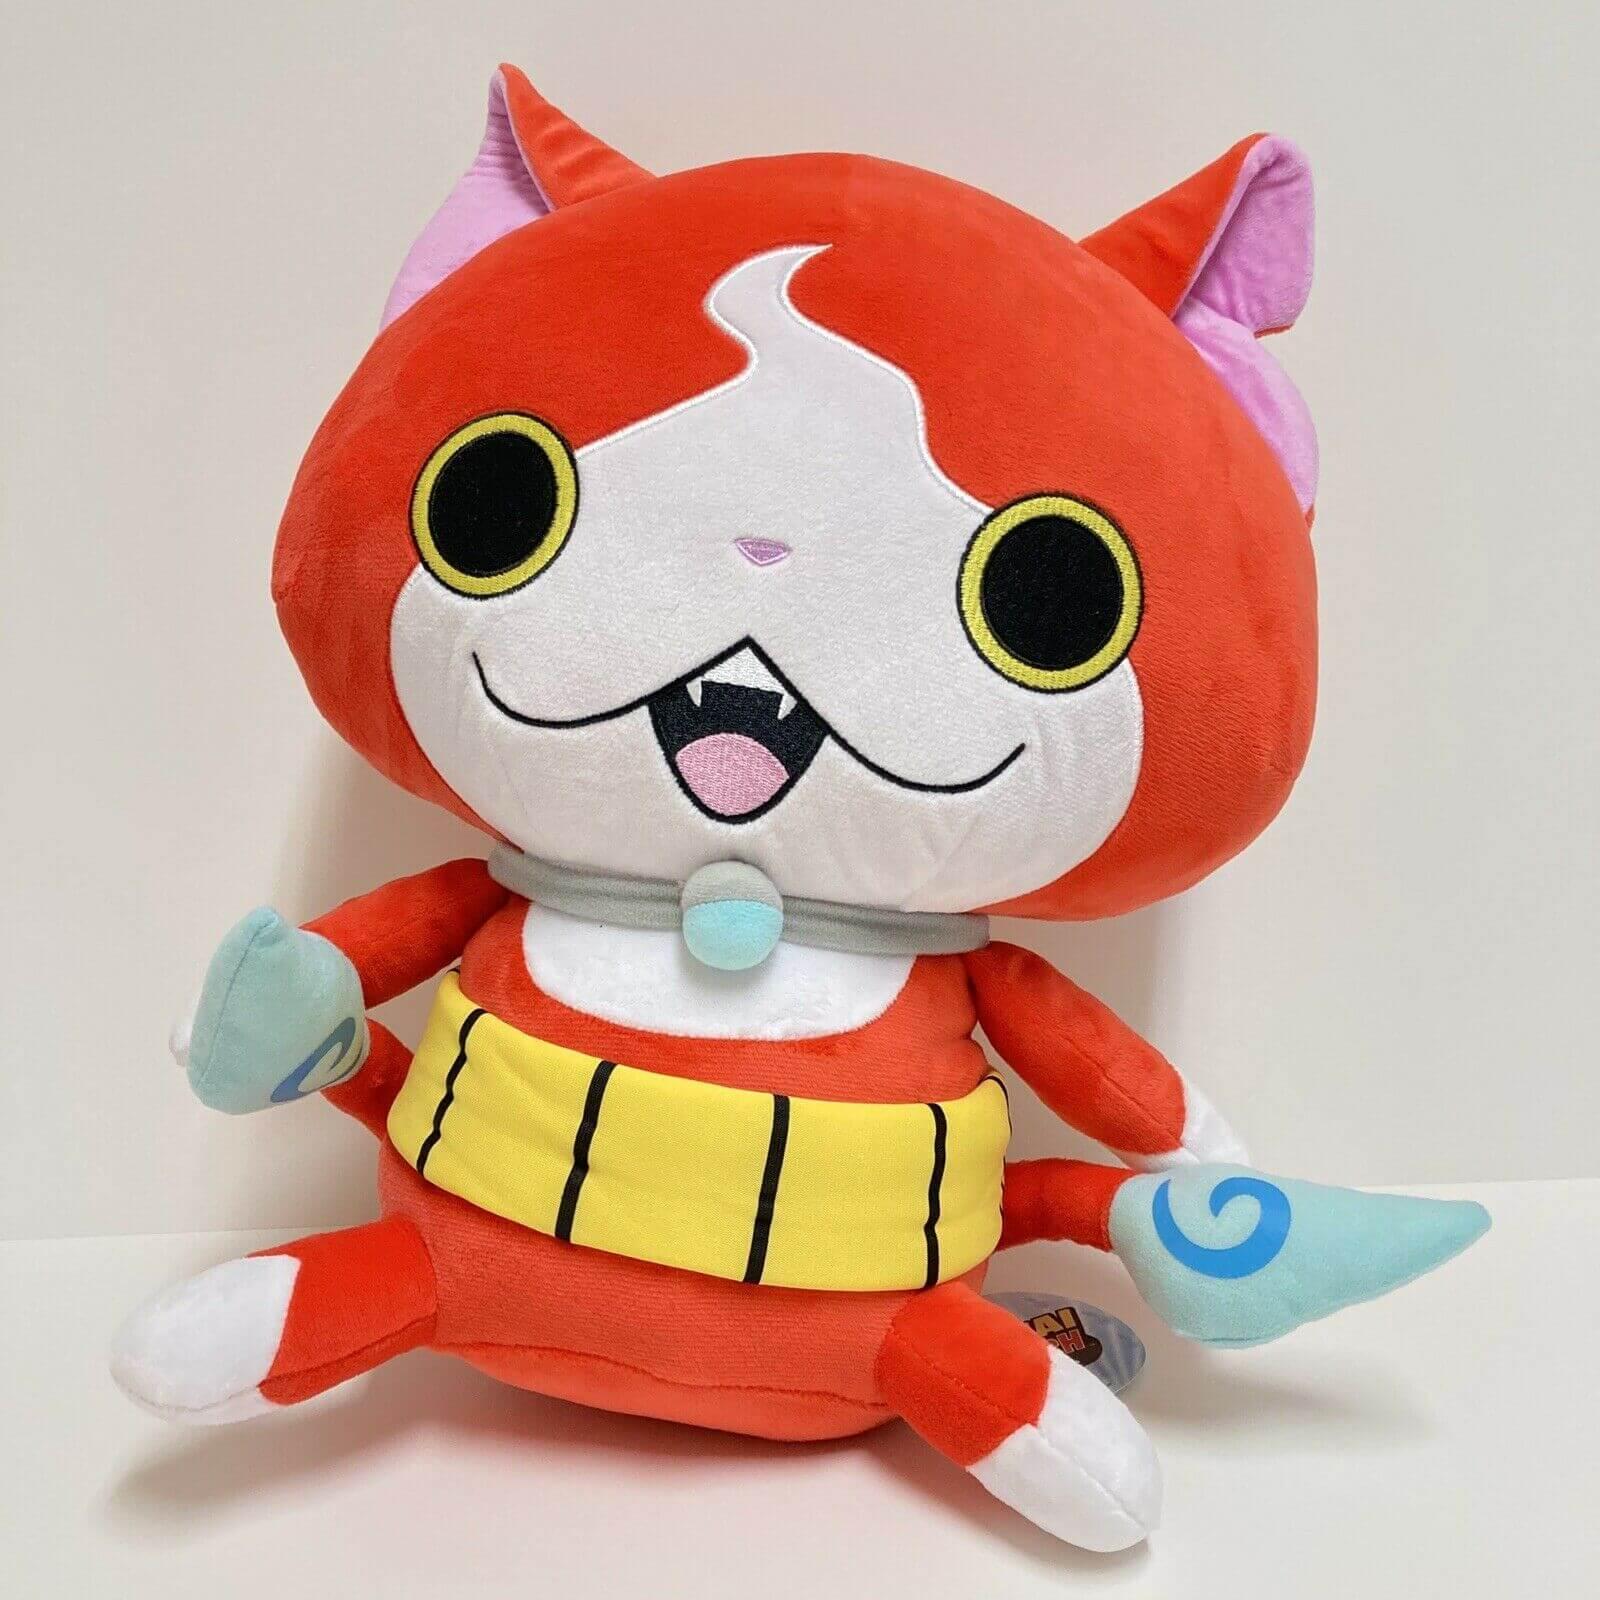 Jibanyan Yo-Kai Watch Plushie